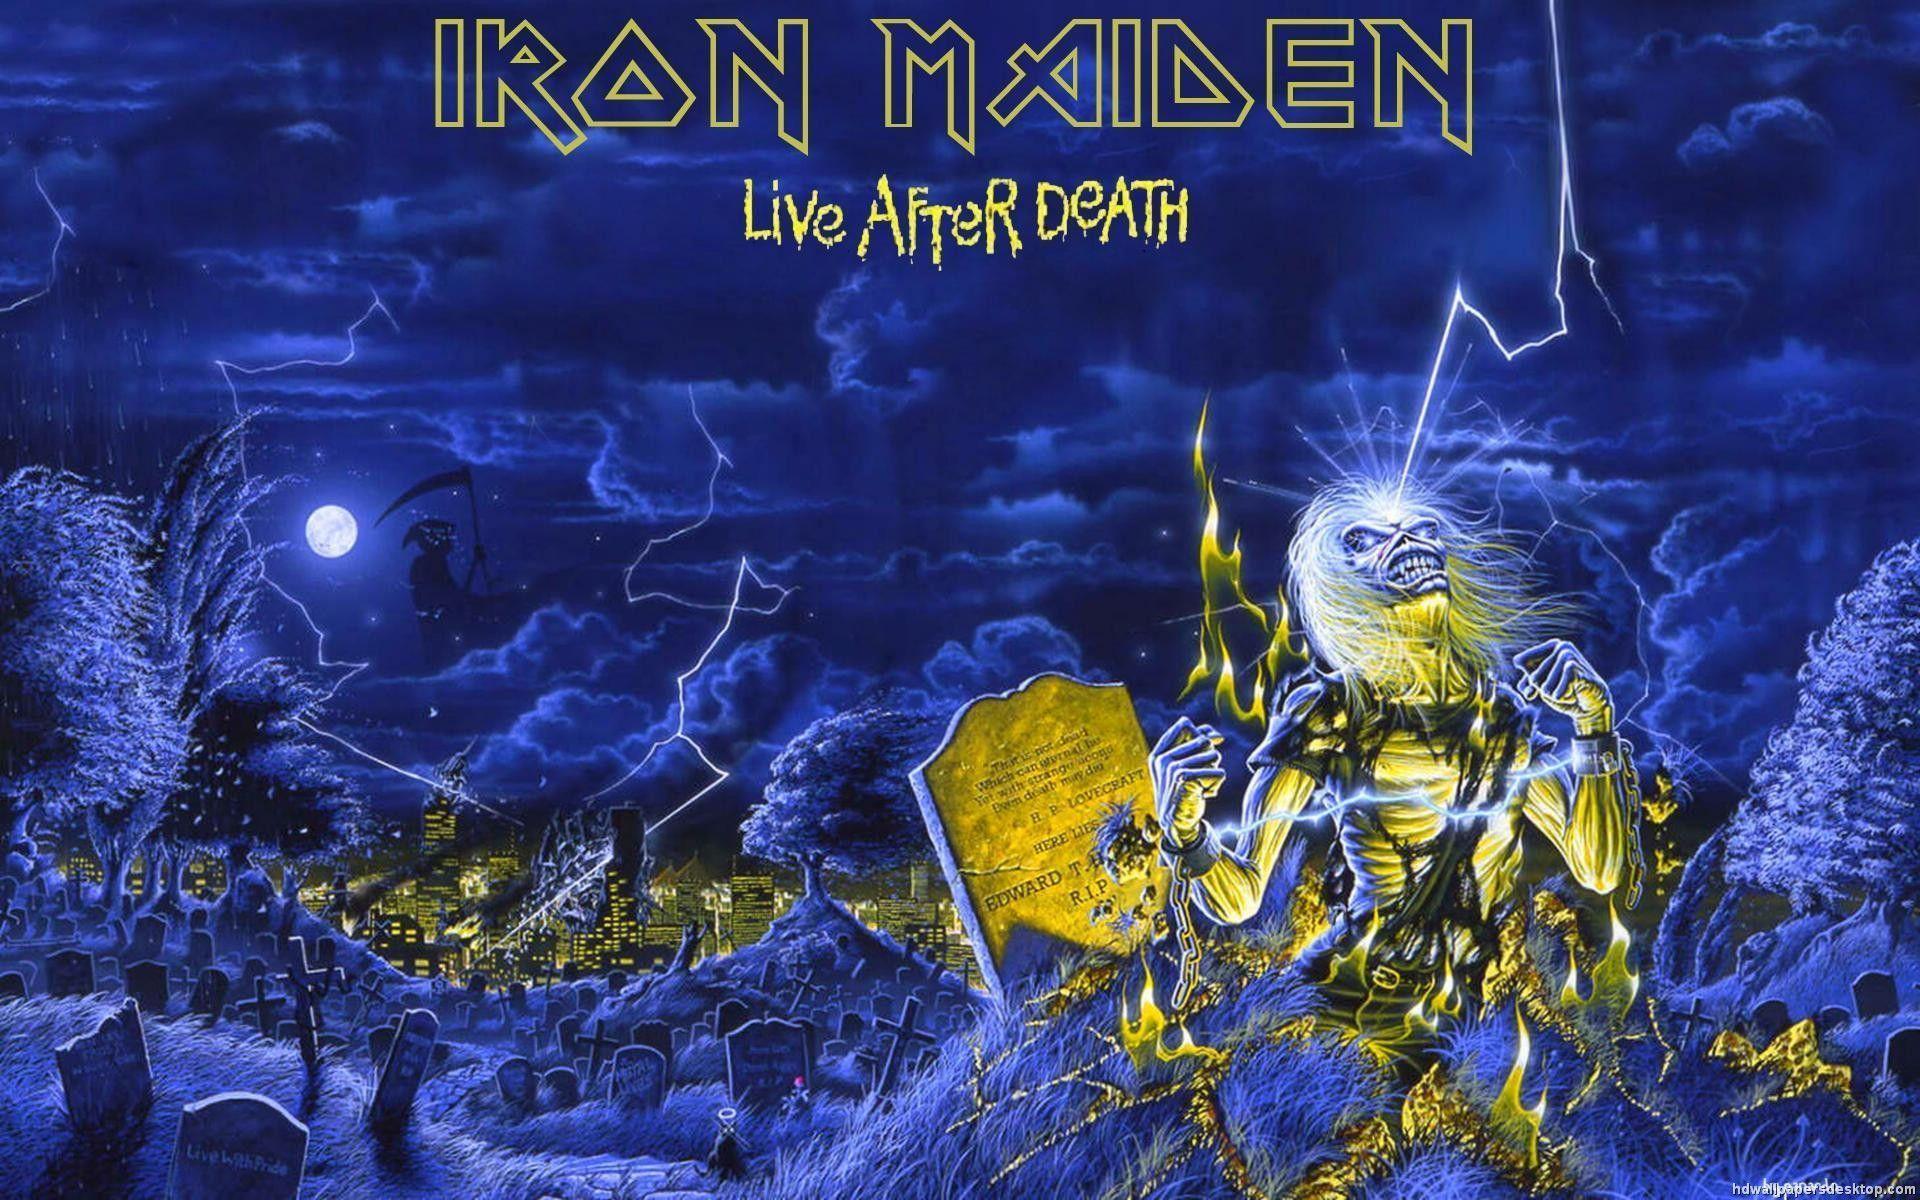 Eddie Iron Maiden Wallpaper